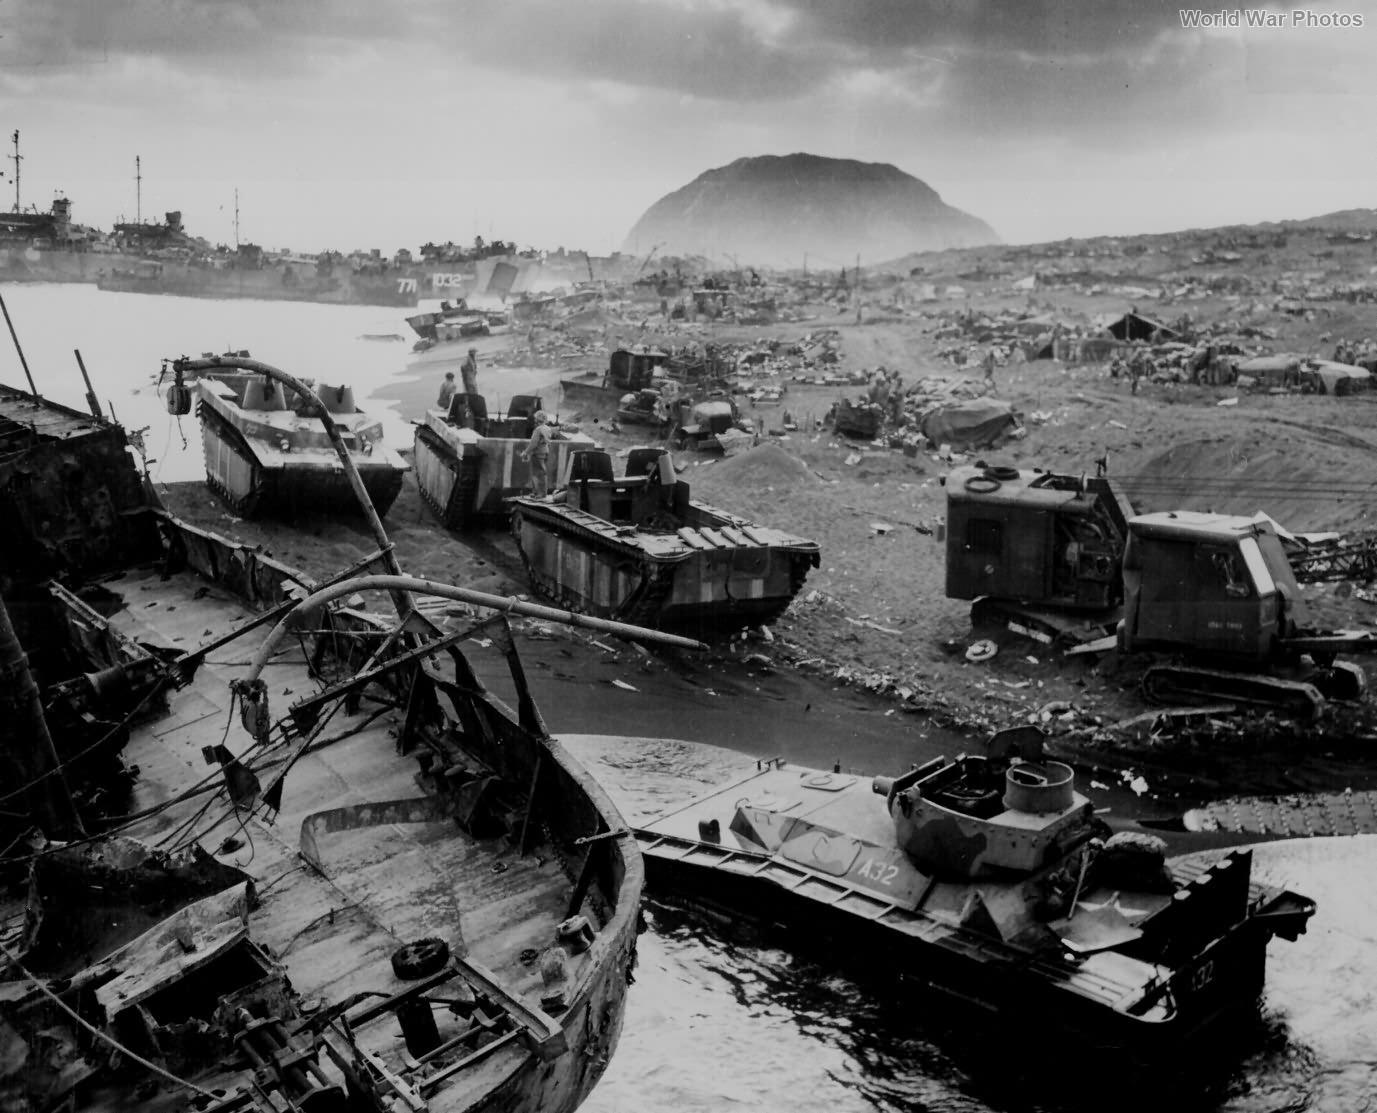 LVTs Iwo Jima 2